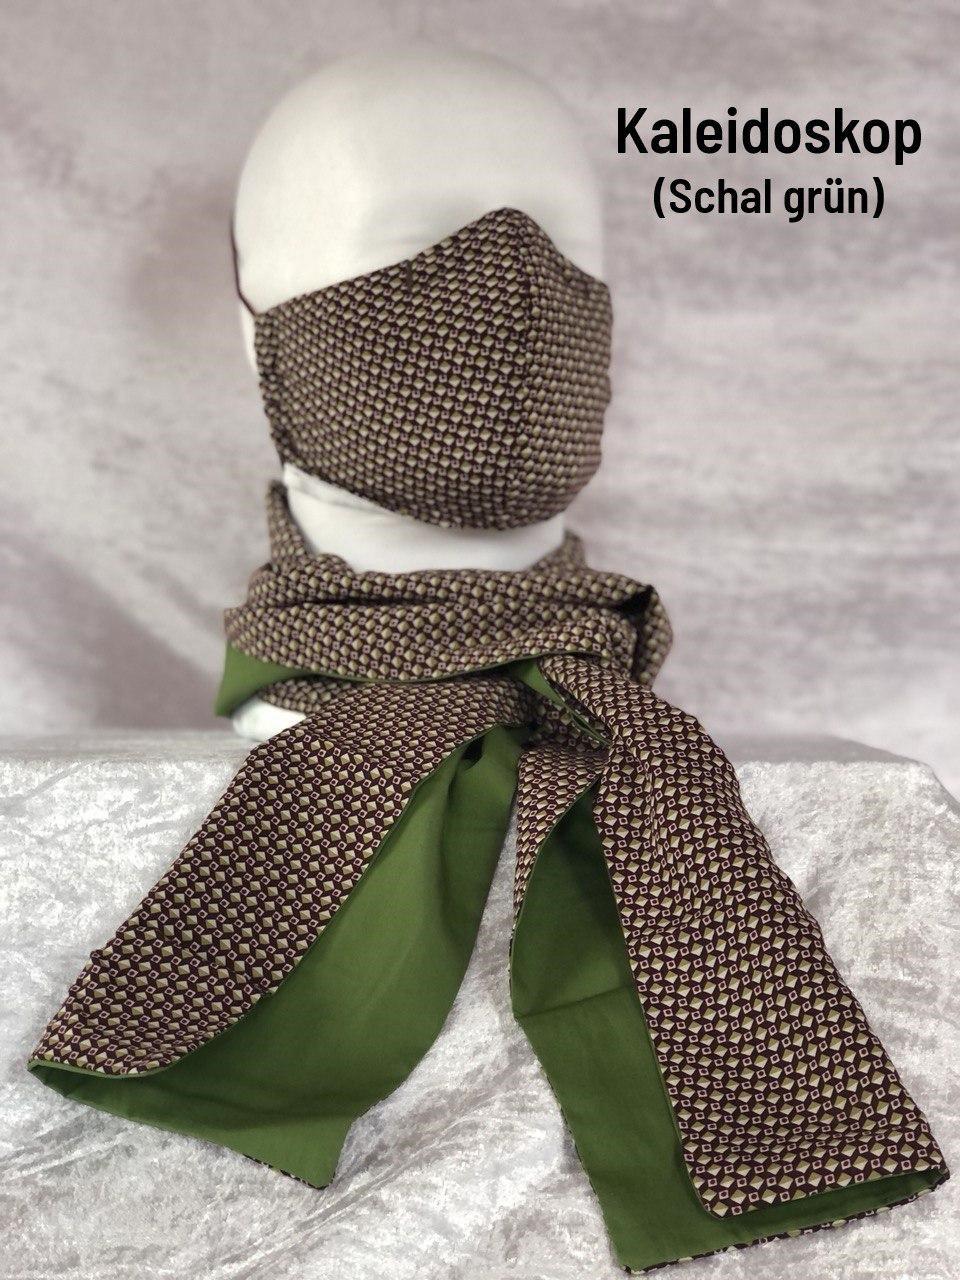 A1 - Maske + Schal grün